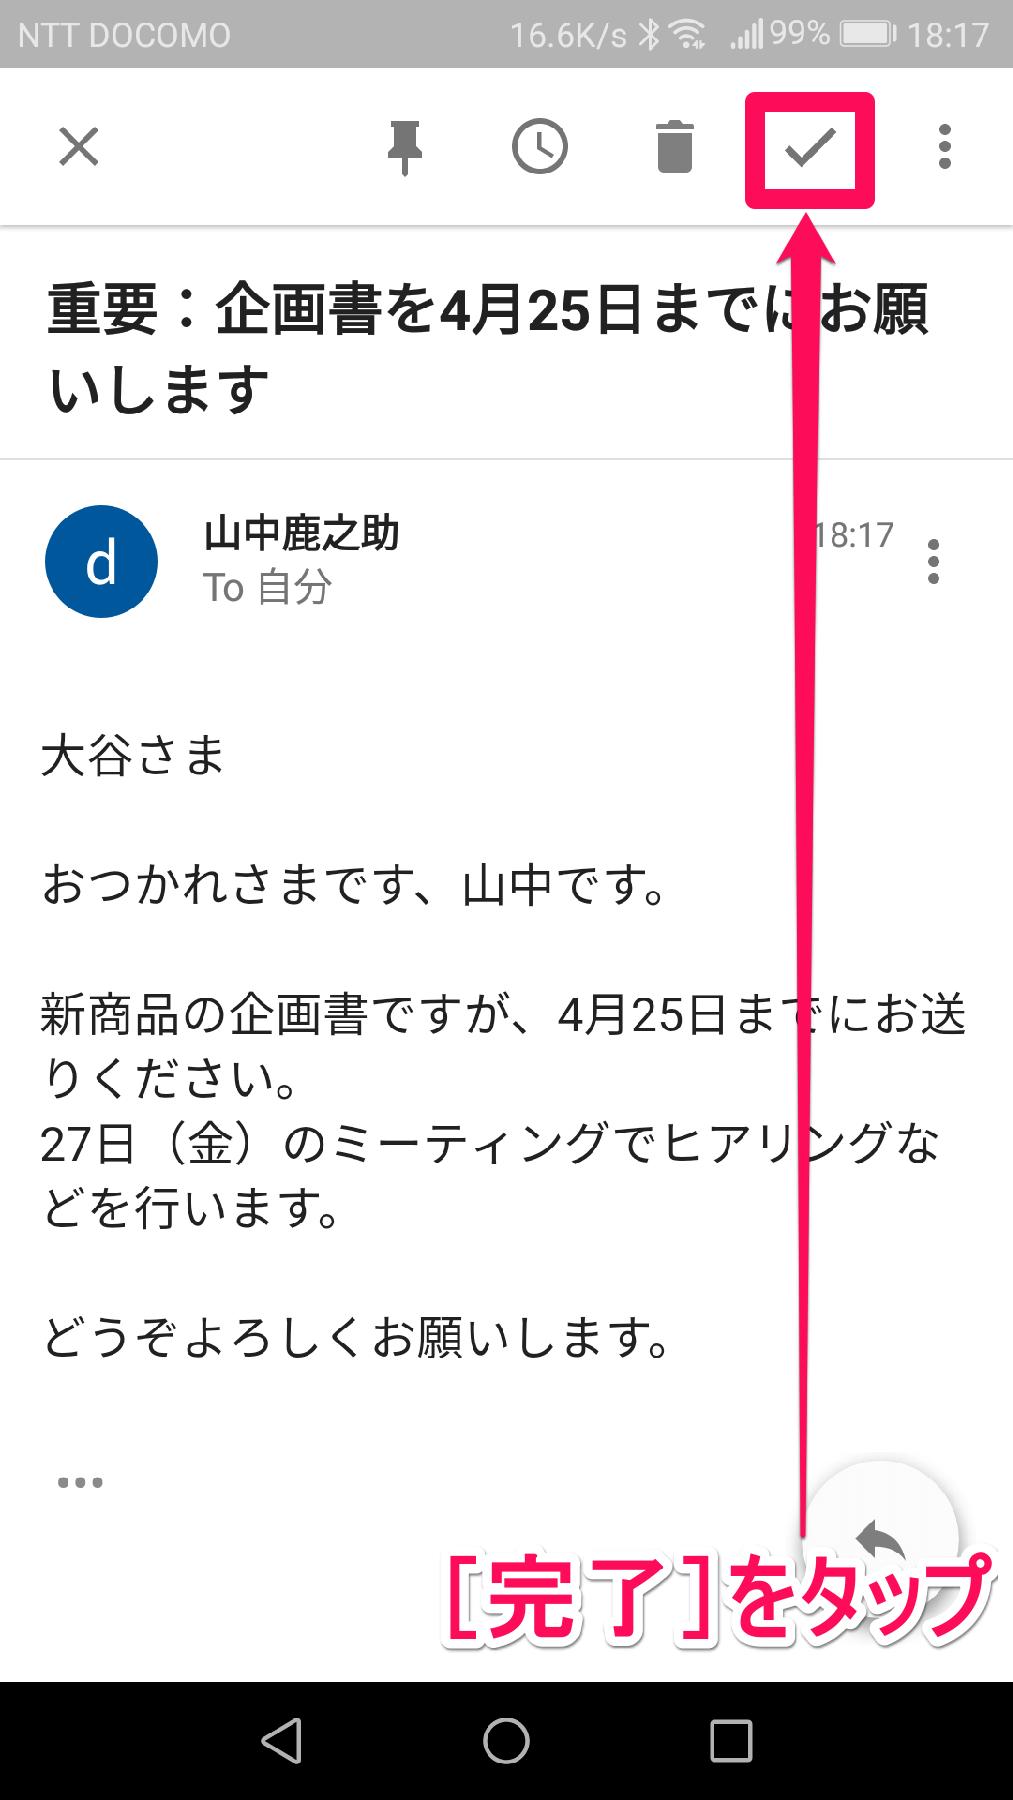 Inbox by Gmail(インボックス、ジーメール)で[ハイライト]にあるメールを表示した画面